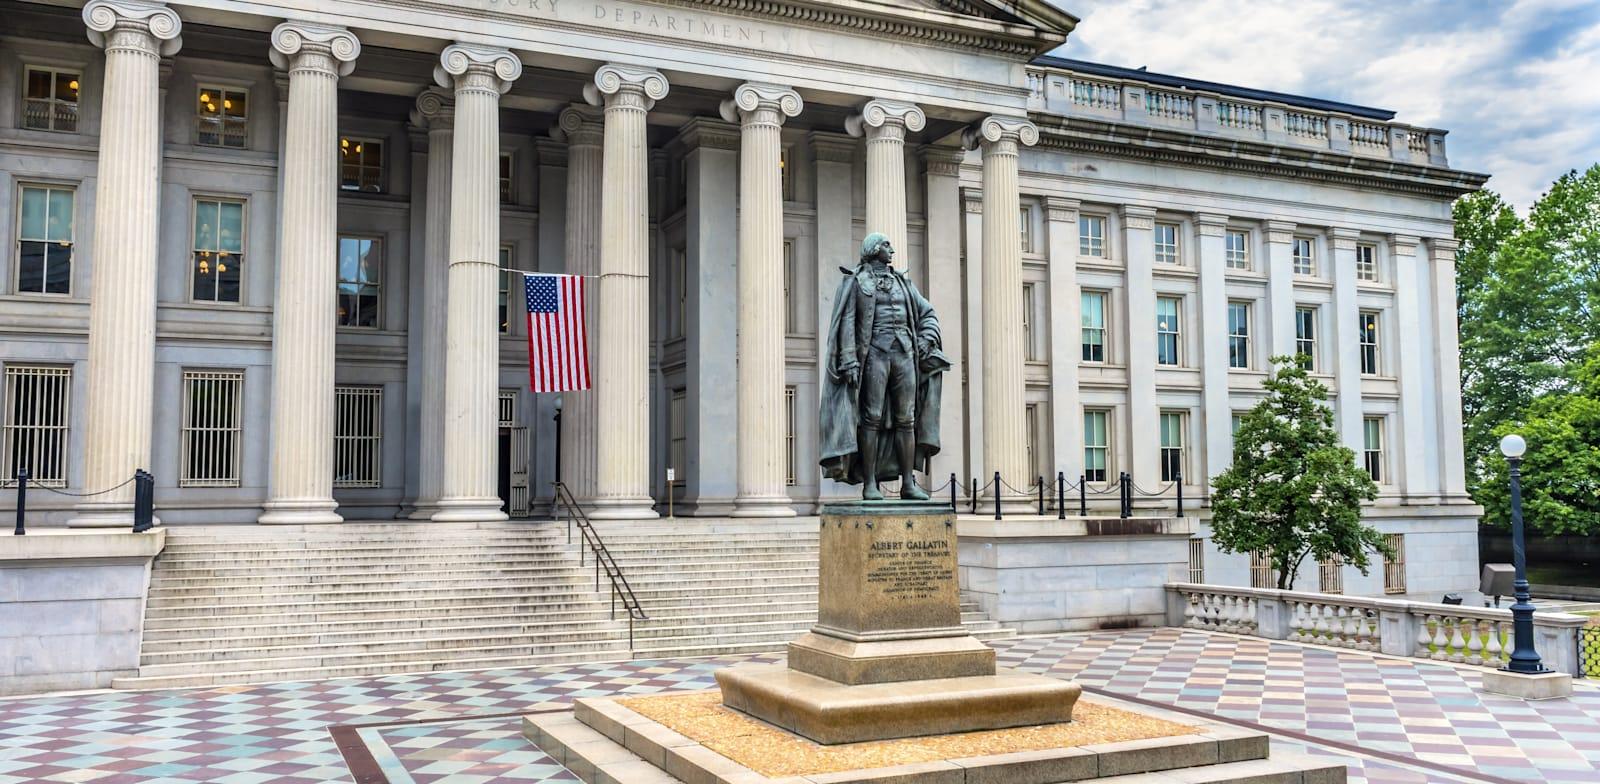 """בניין משרד האוצר בוושינגטון, ארה""""ב / צילום: Shutterstock, Bill Perry"""